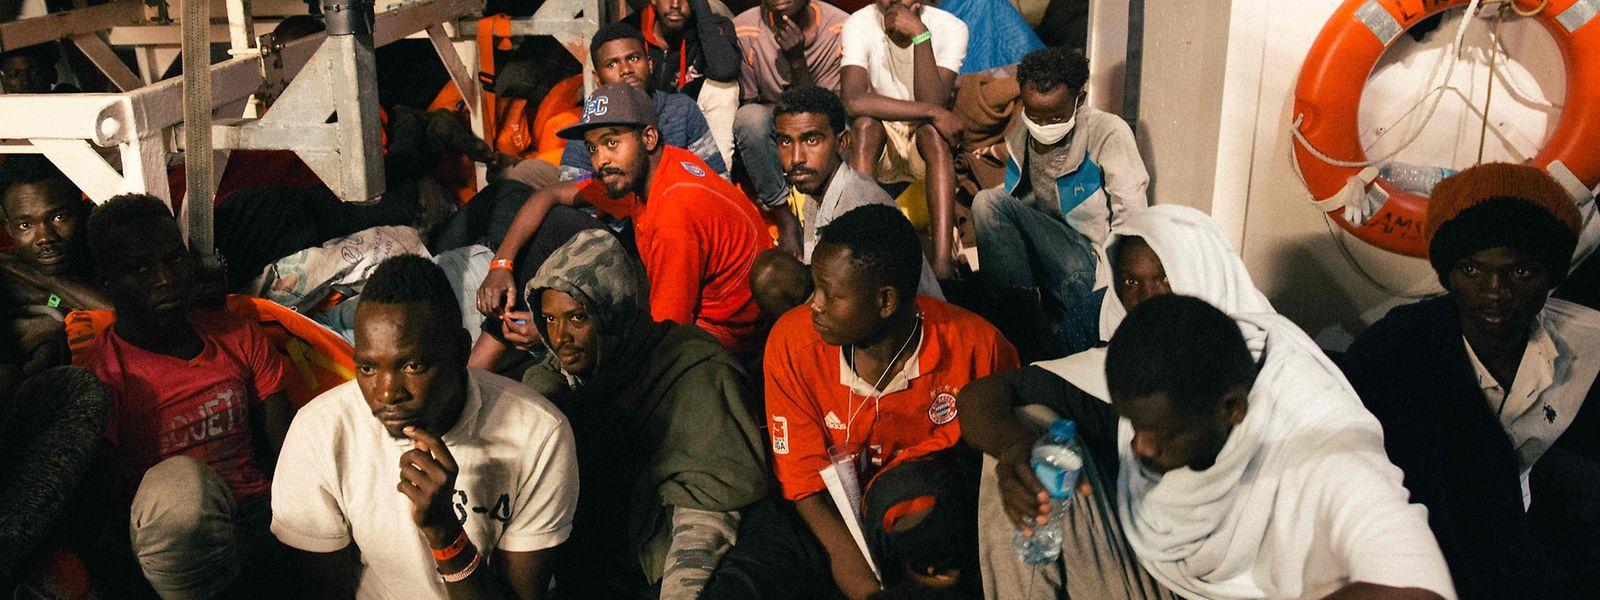 Die Flüchtlinge wurden vor der libyschen Küste gerettet.